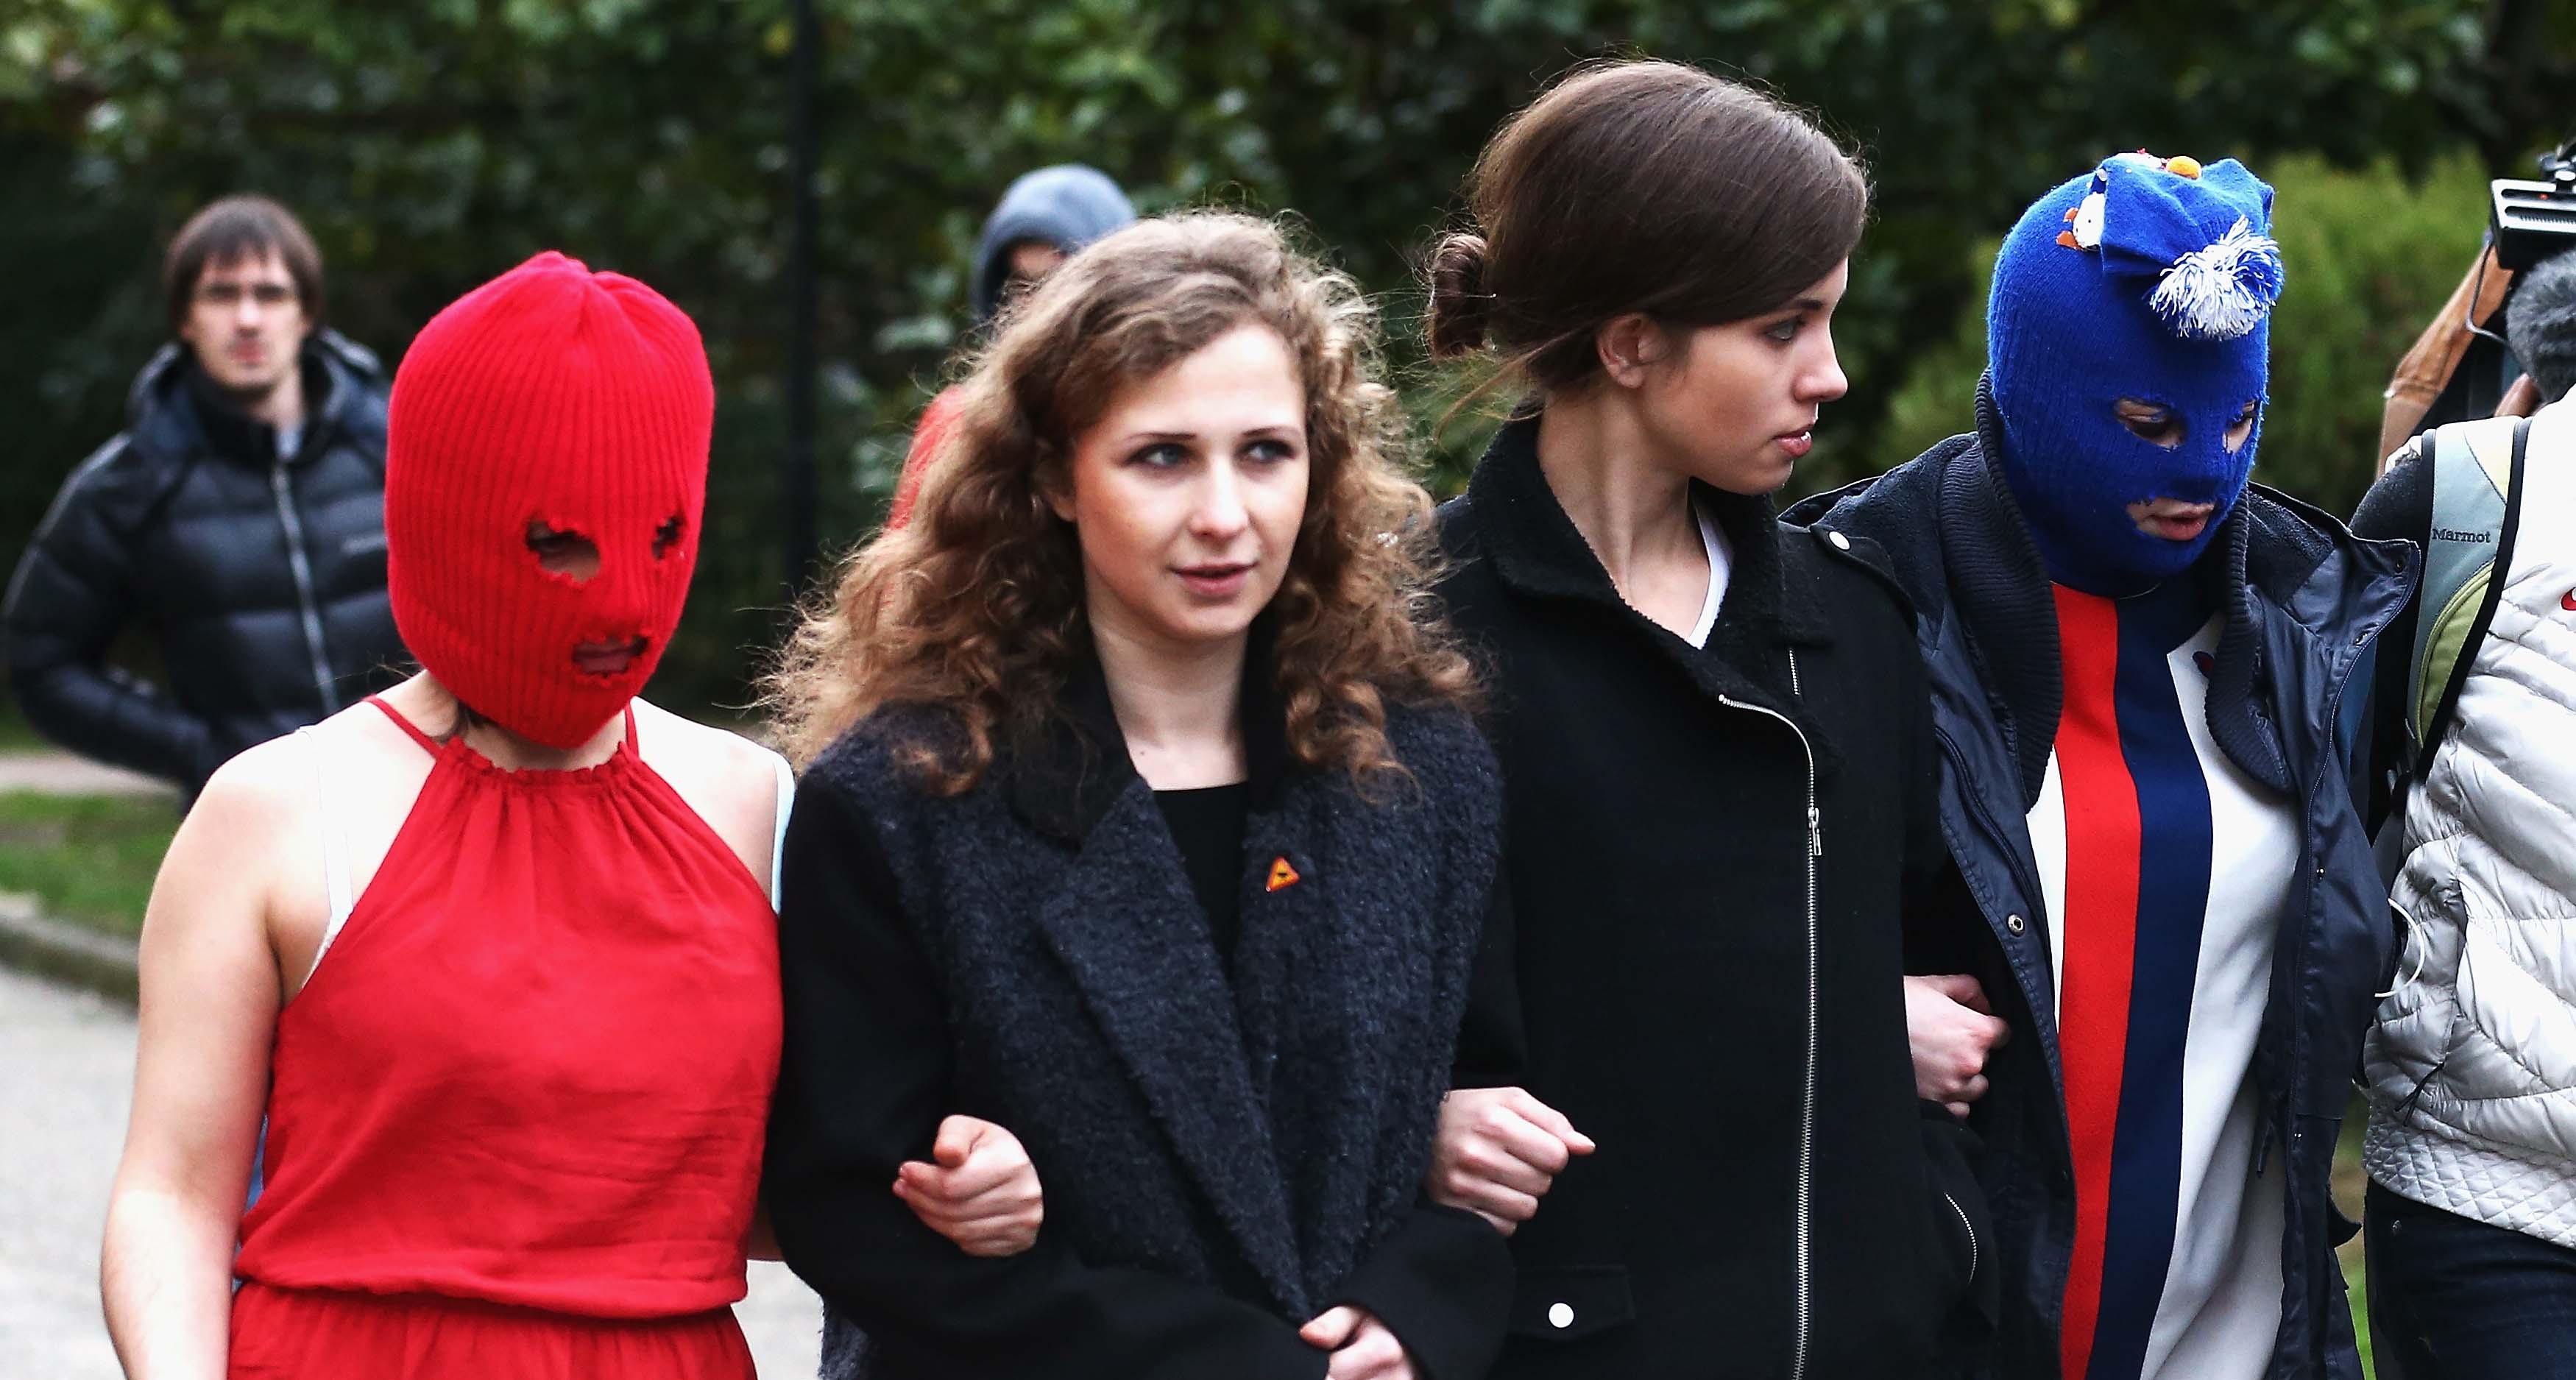 Aparecen los dos miembros de Pussy Riot que habían desaparecido tras arresto